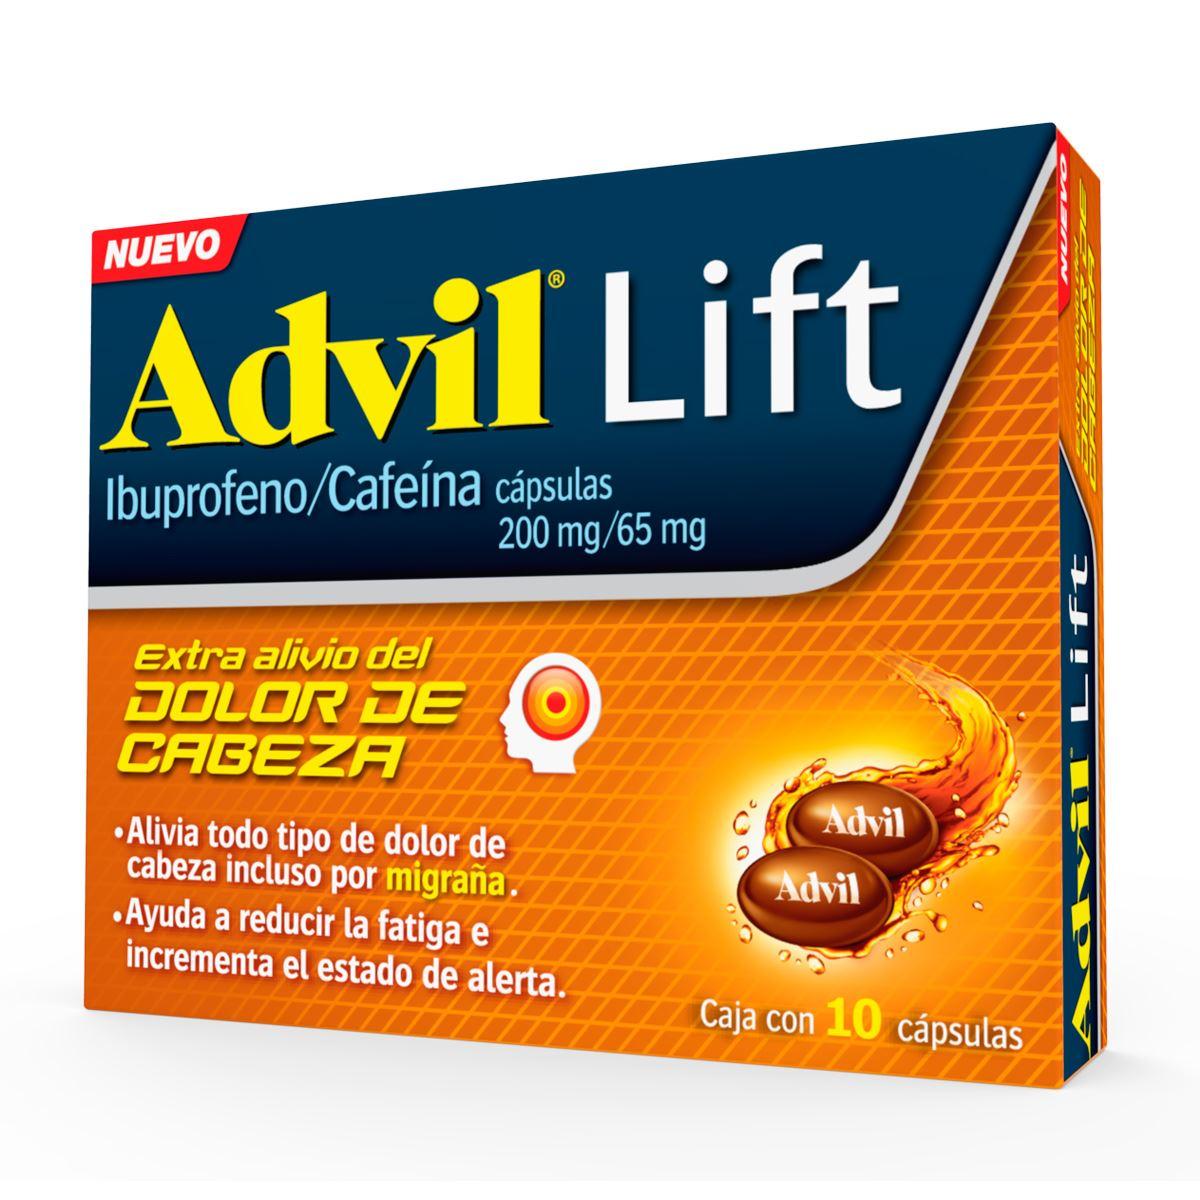 Comprar Advil Lift 200/65 Mg Caja 10 Capsulas